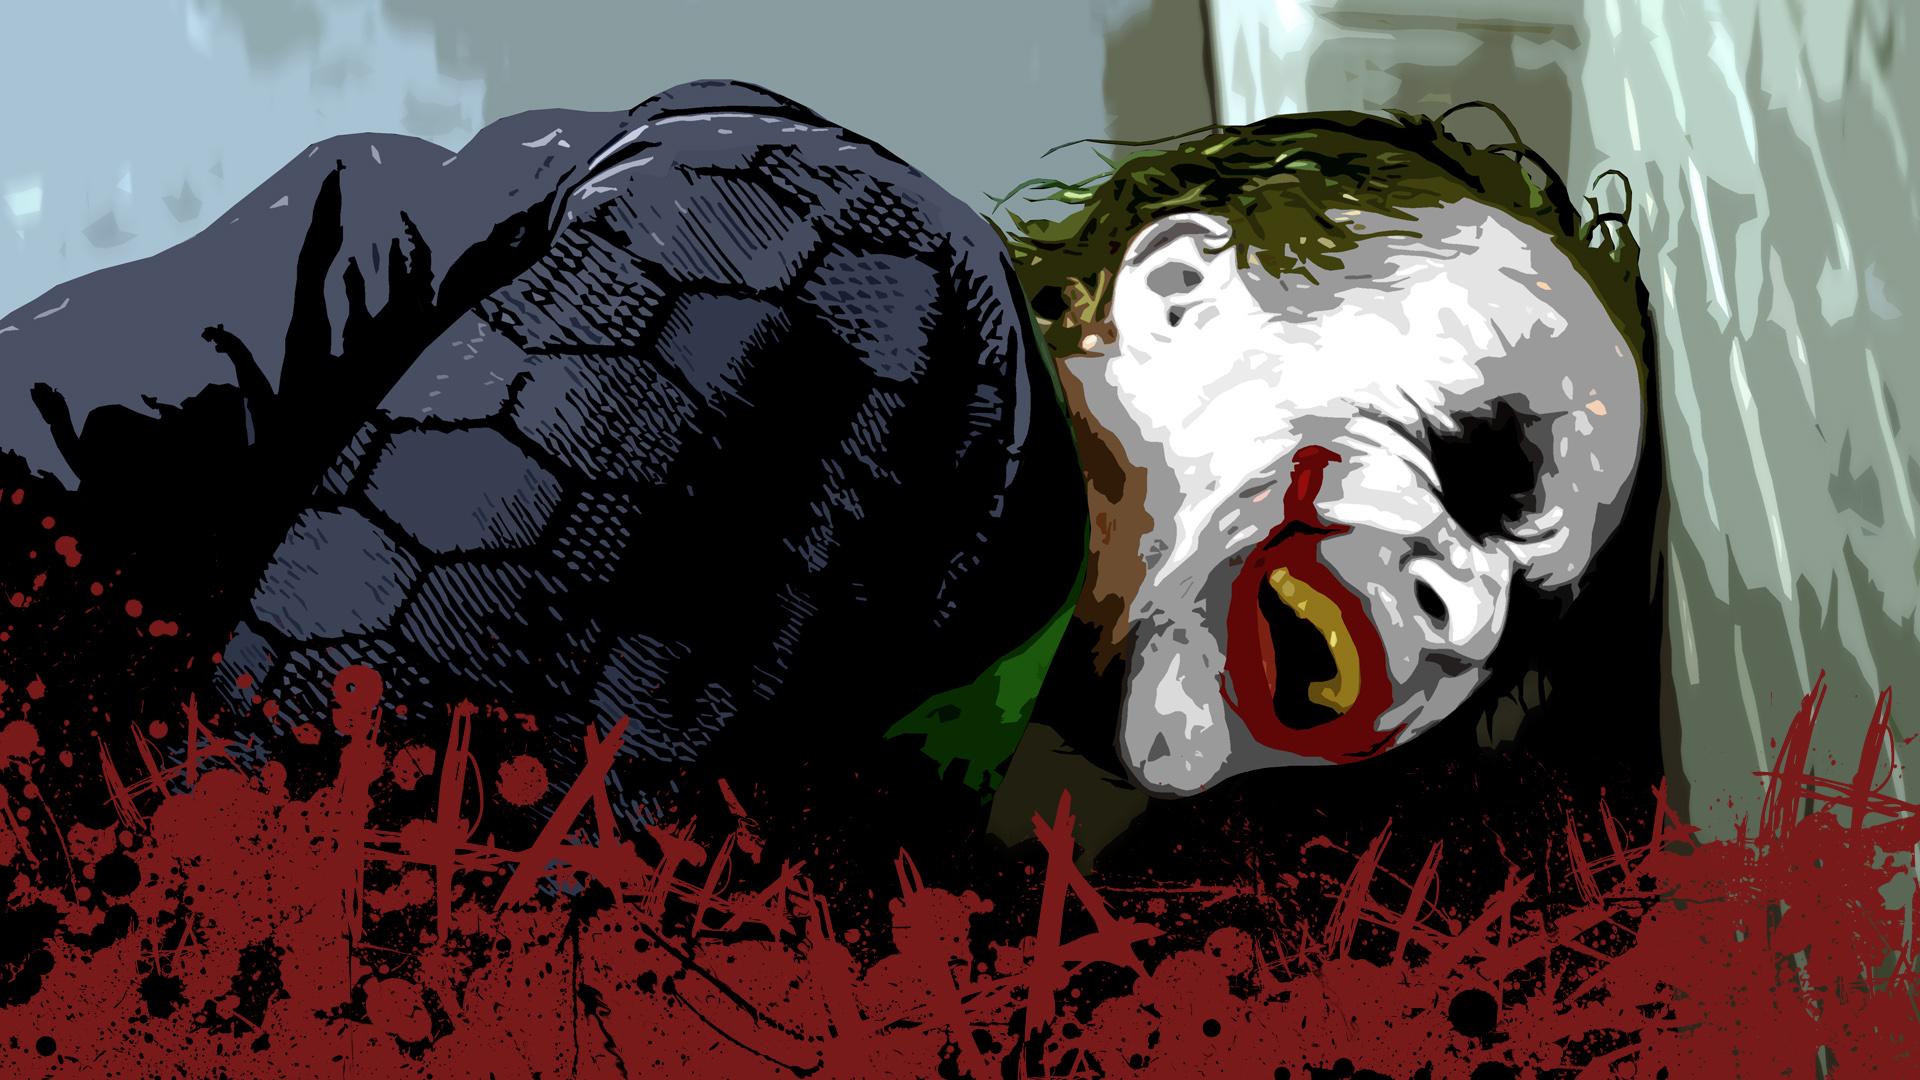 joker laughs.jpg